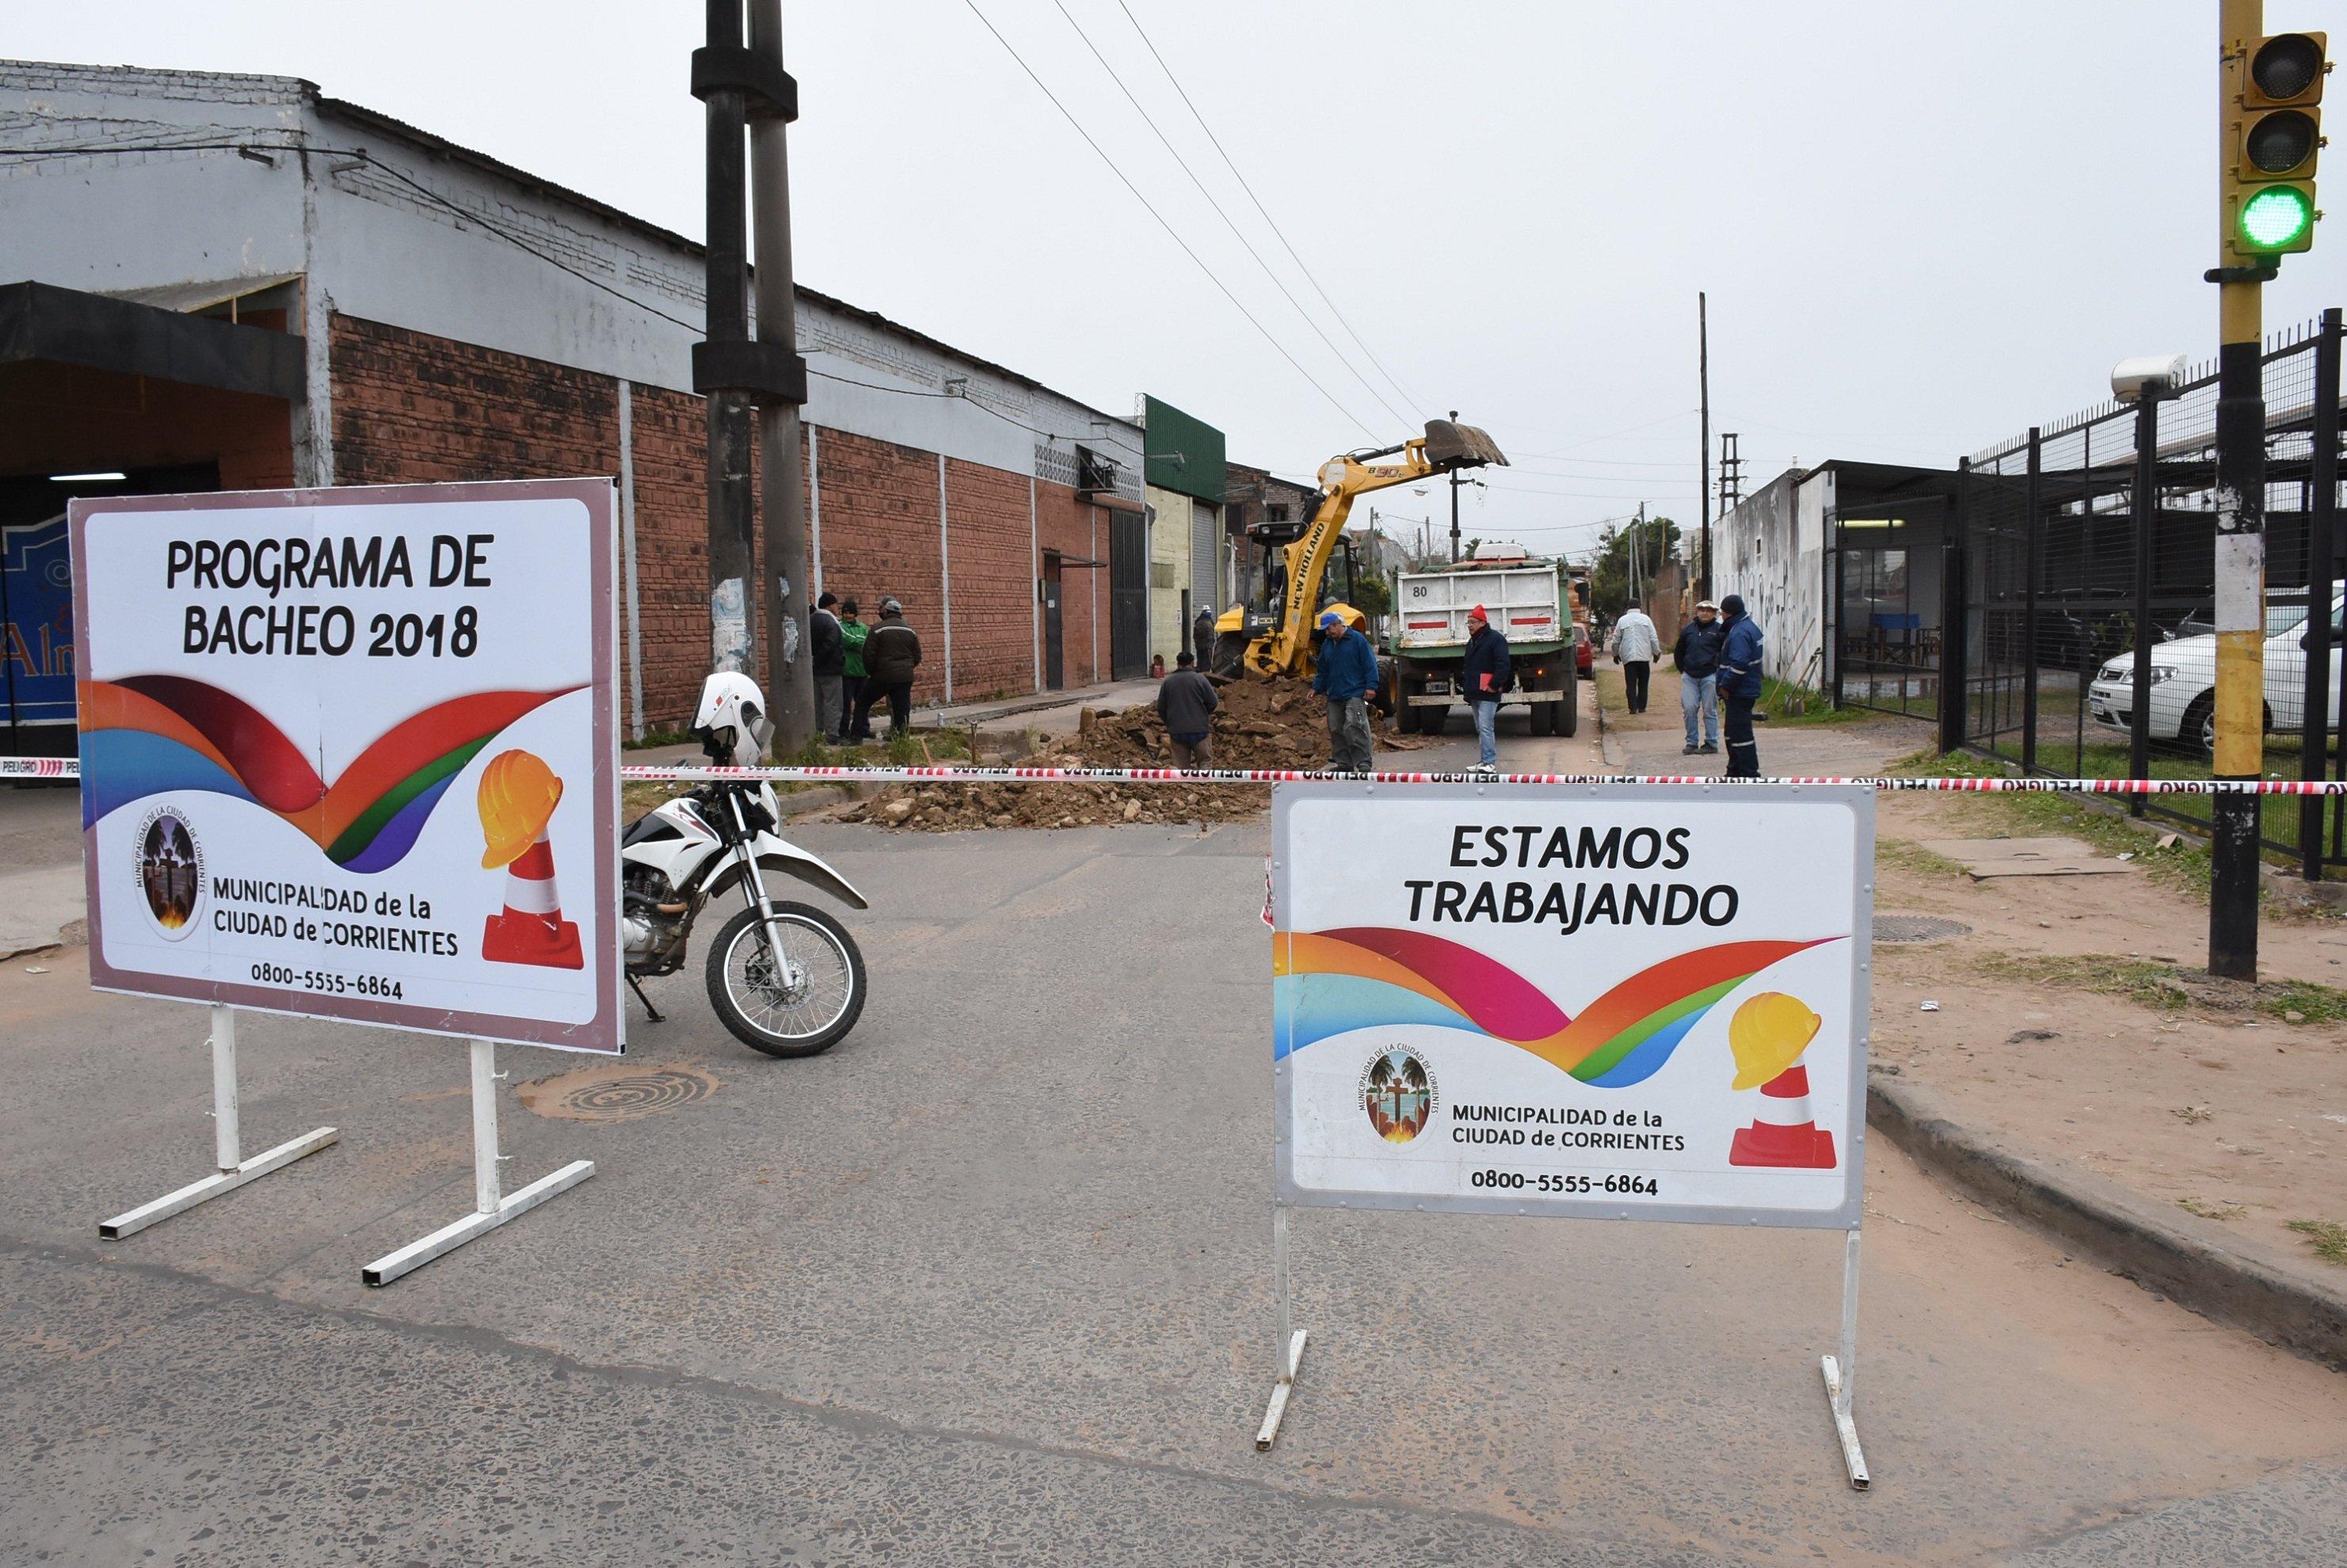 La Municipalidad empezó a reparar la calle Medrano